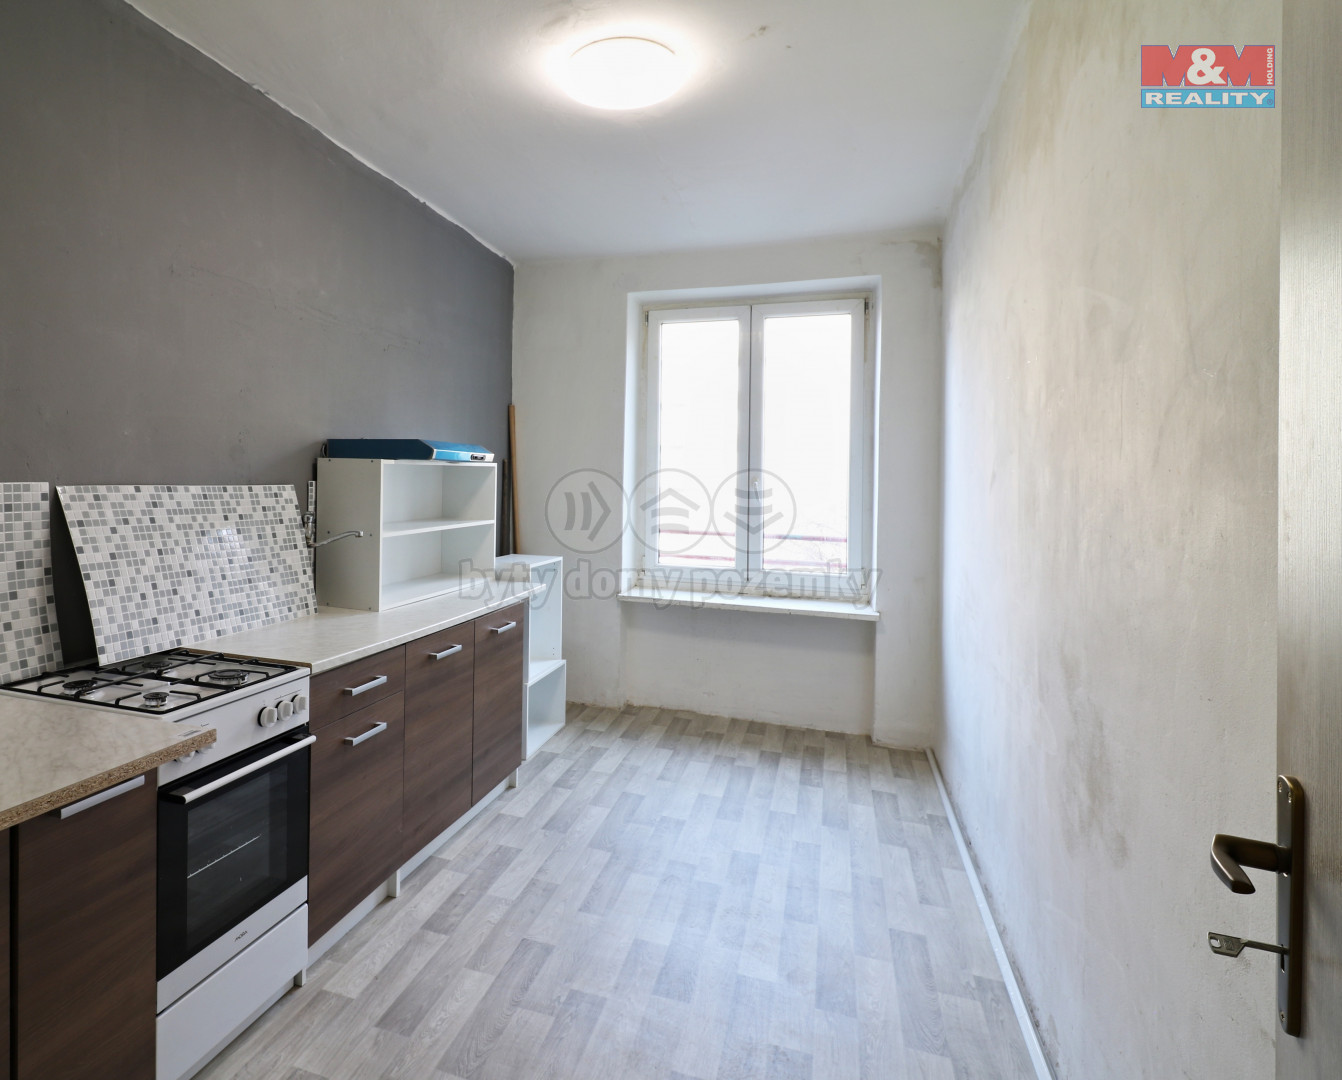 Prodej bytu 3+1, 75 m², Most, ul. tř. Budovatelů